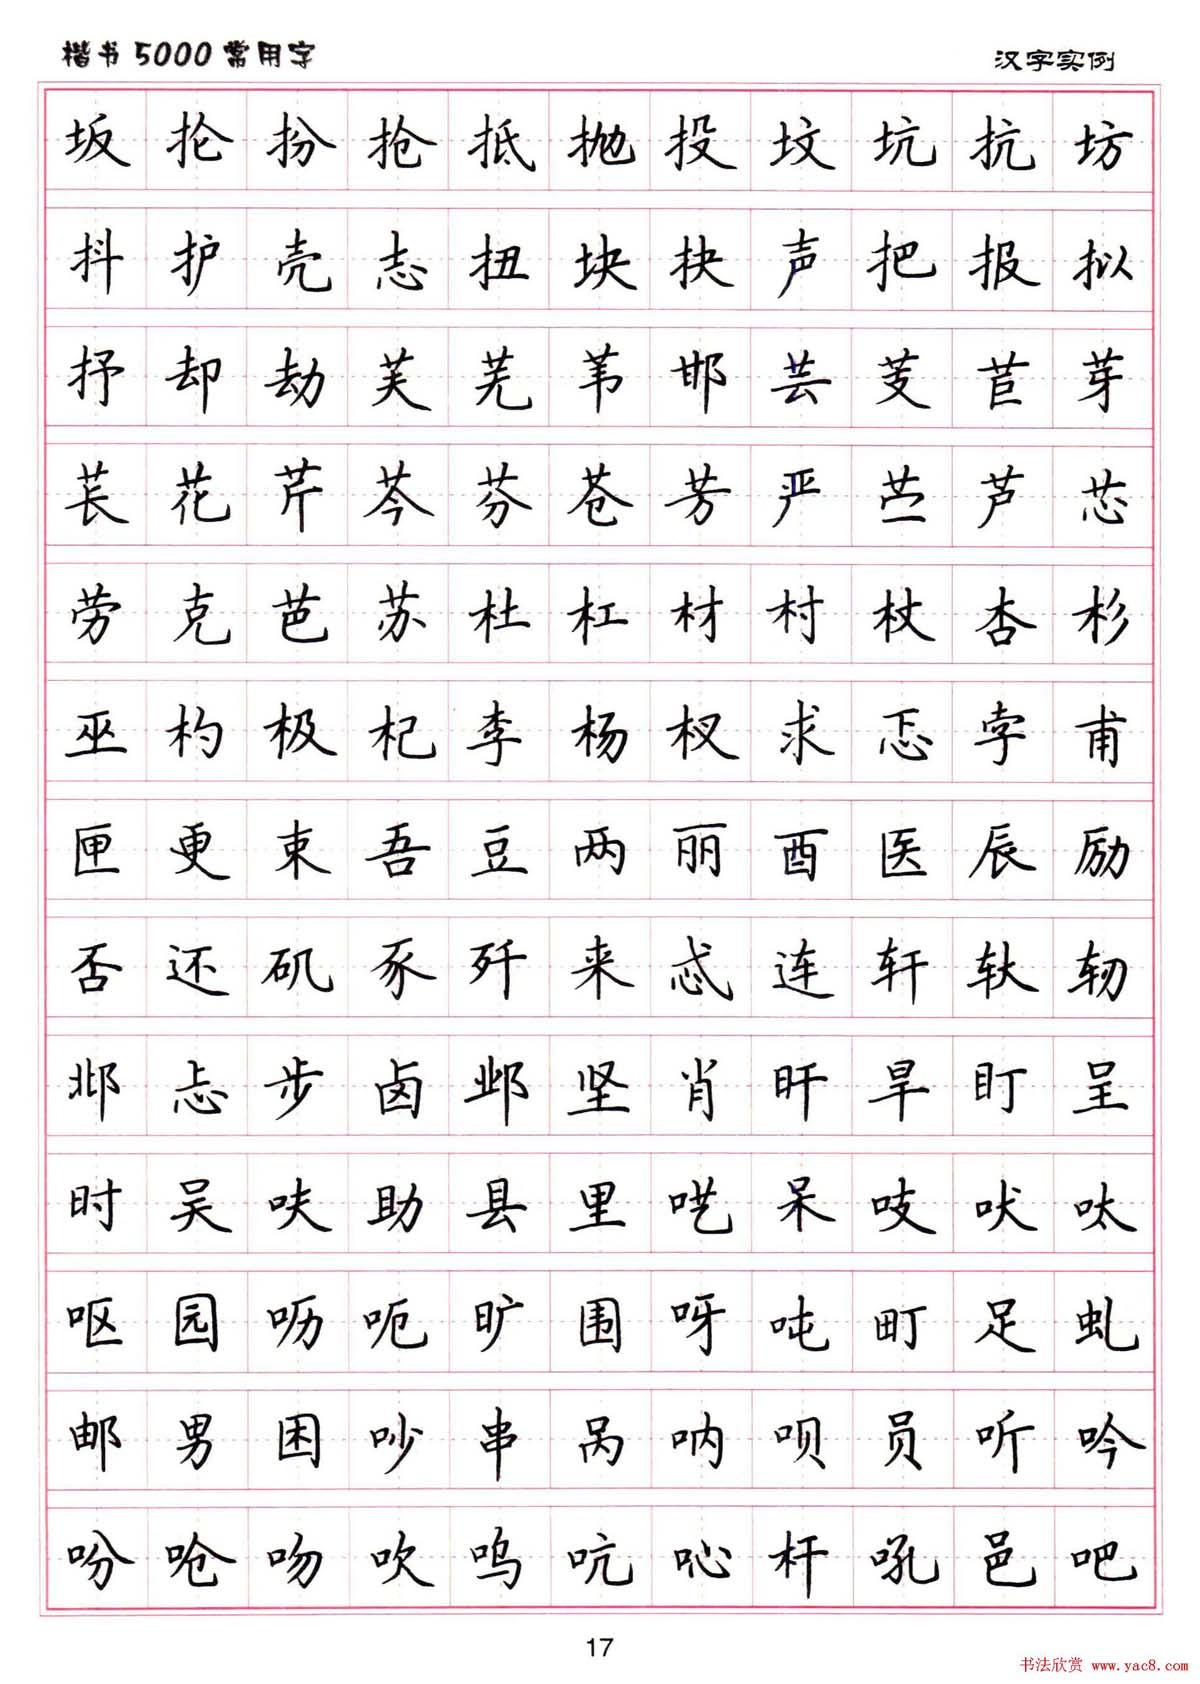 硬笔书法字帖下载 楷书5000常用字 第18页 钢笔字帖 书法欣赏图片